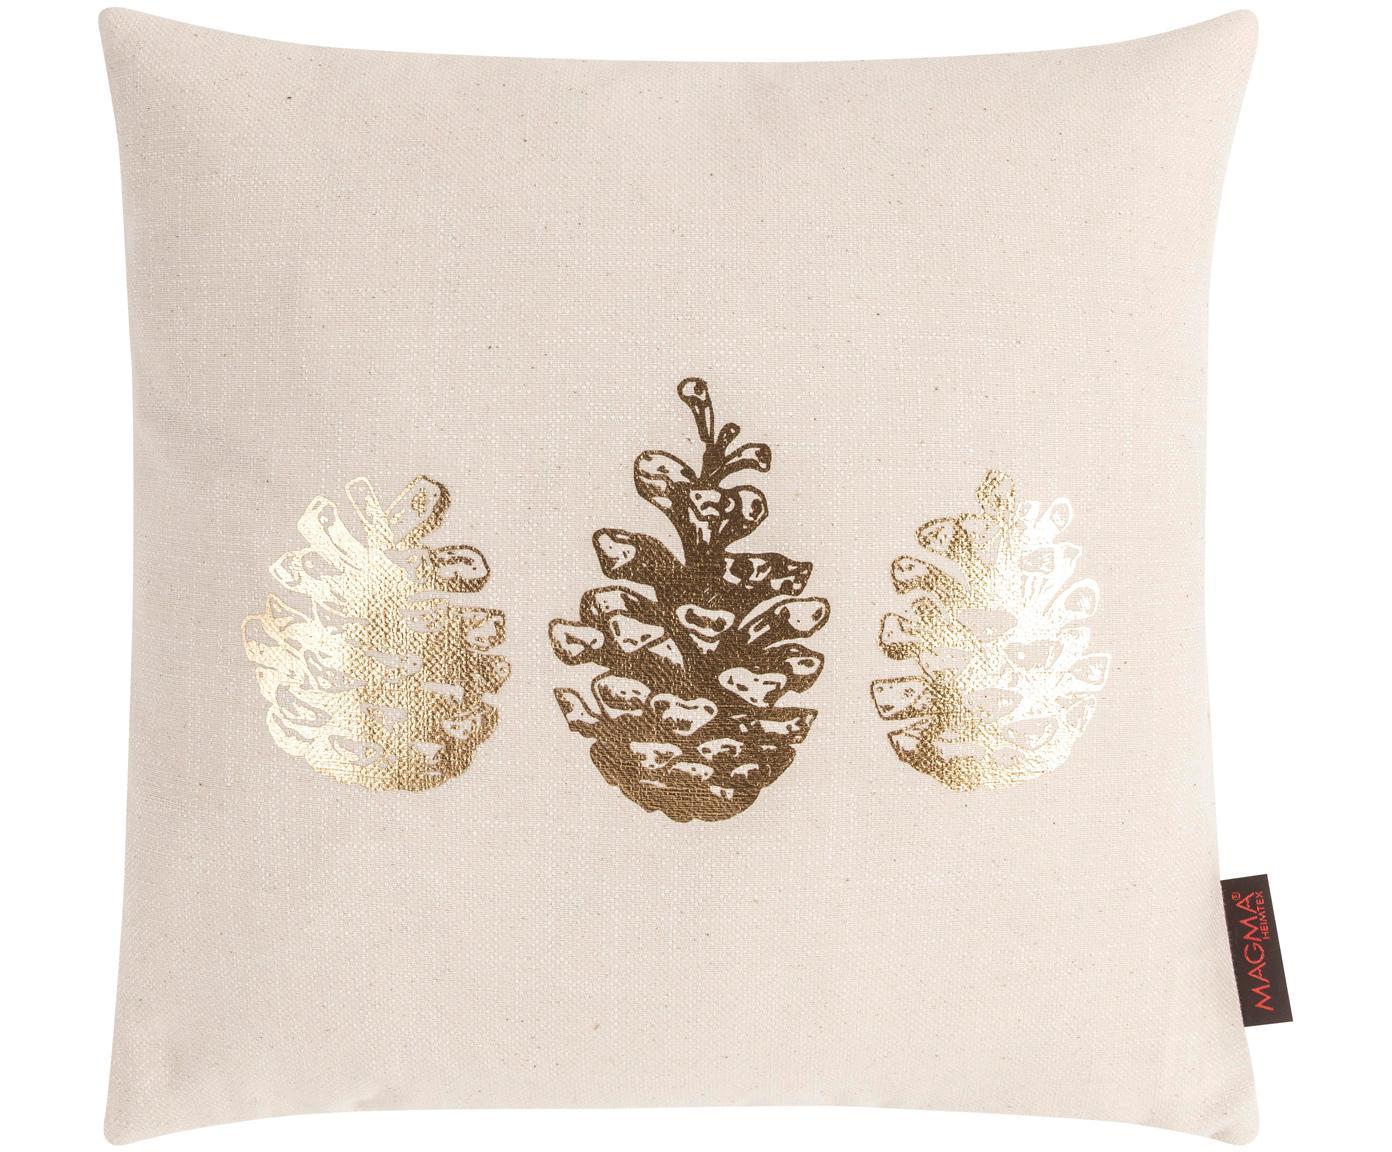 Poszewka na poduszkę Goldwert, Przód: beżowy, odcienie złotego Tył: beżowy, S 40 x D 40 cm